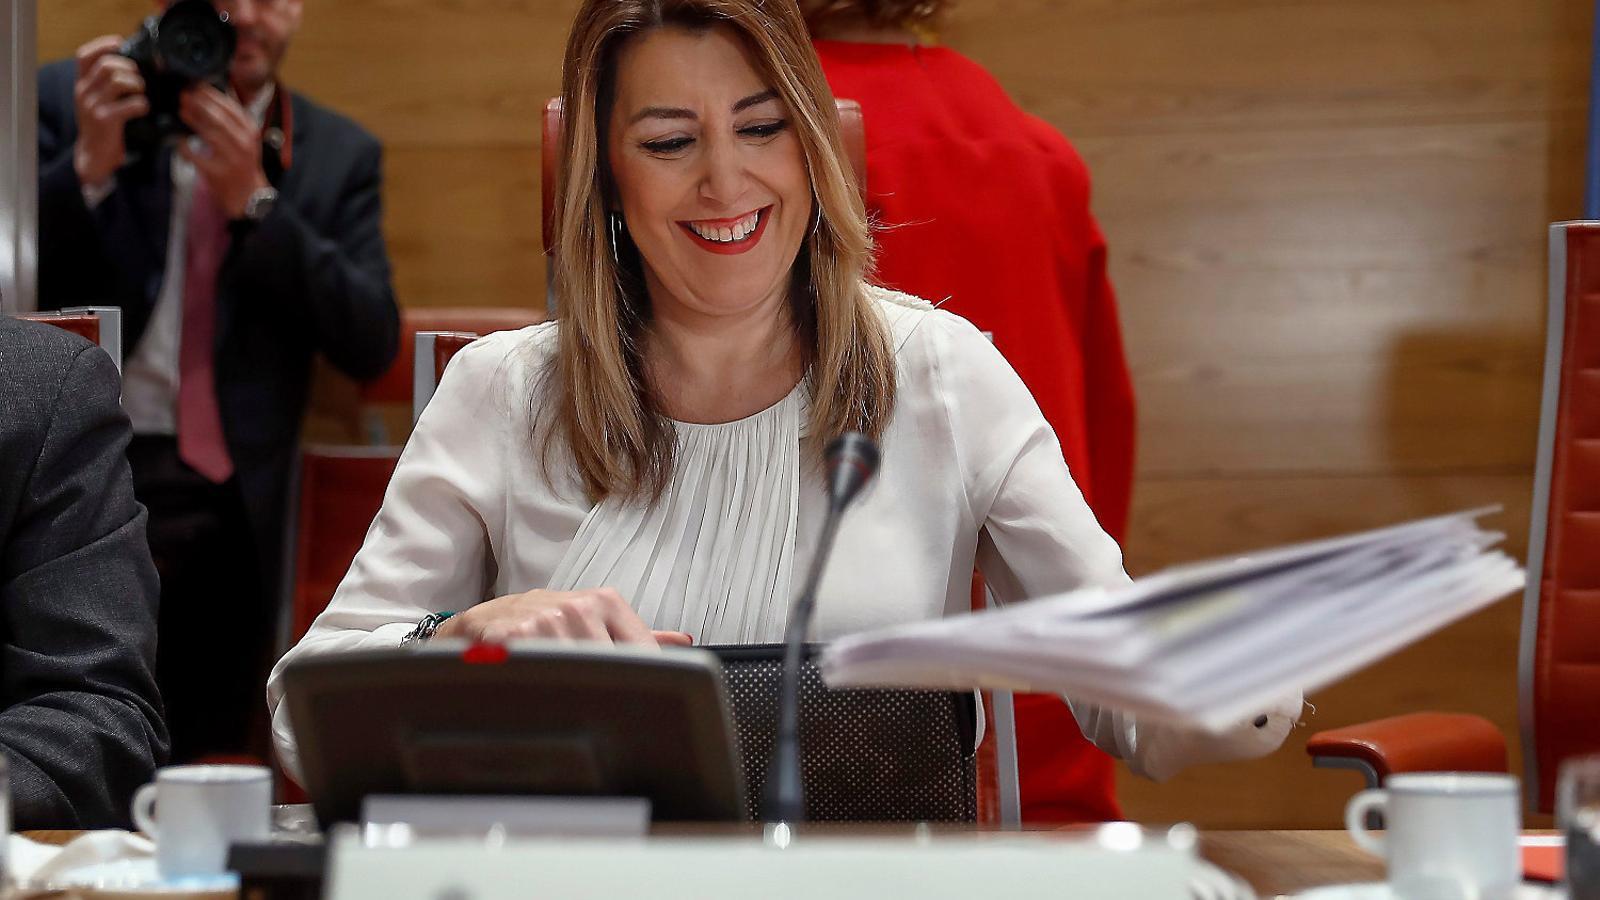 La presidenta de la Junta d'Andalusia, la socialista Susana Díaz, durant la compareixença d'ahir al Senat.